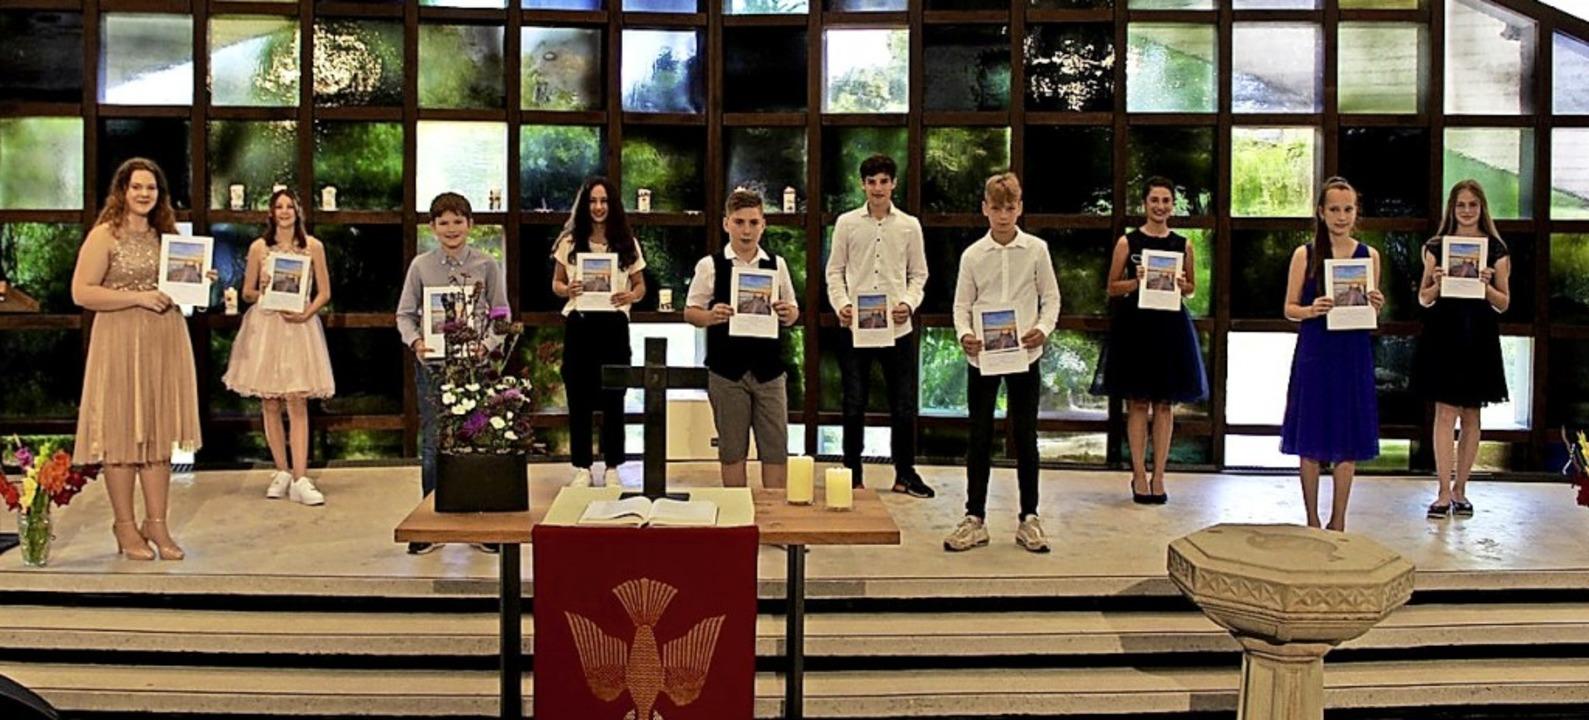 Ohne Maske, aber mit Abstand: In der M...r-Kirche wurde Konfirmation gefeiert.   | Foto: Privat